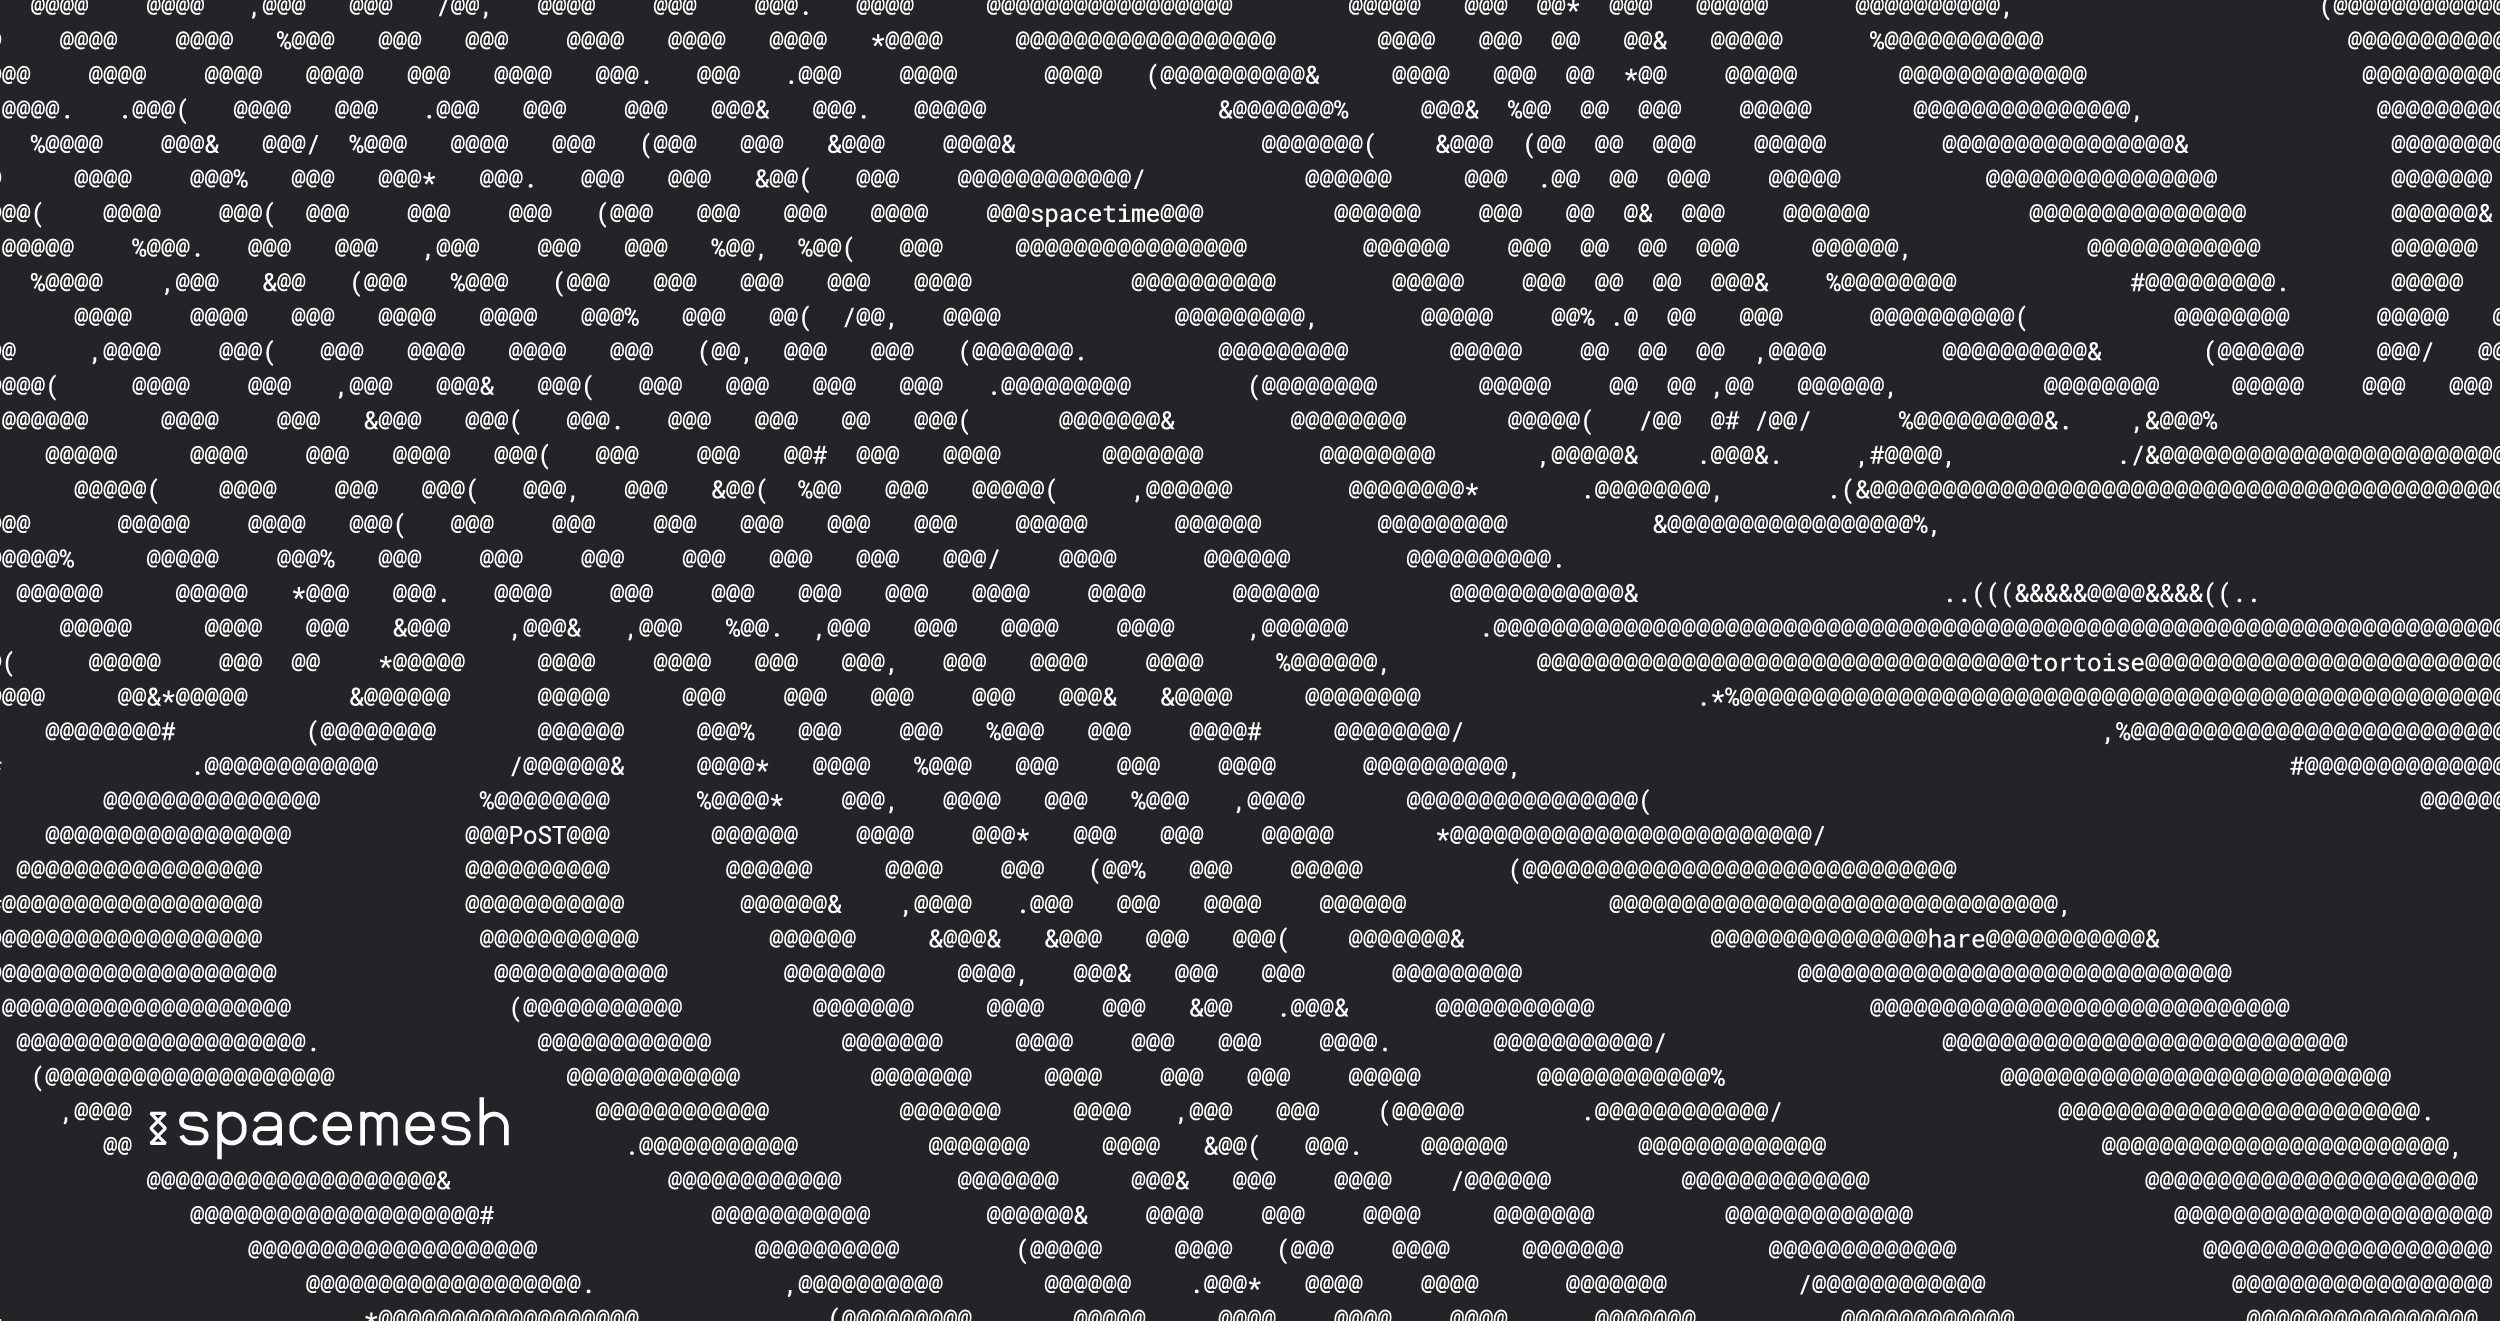 Blockchain Core Developer - WFH Remote